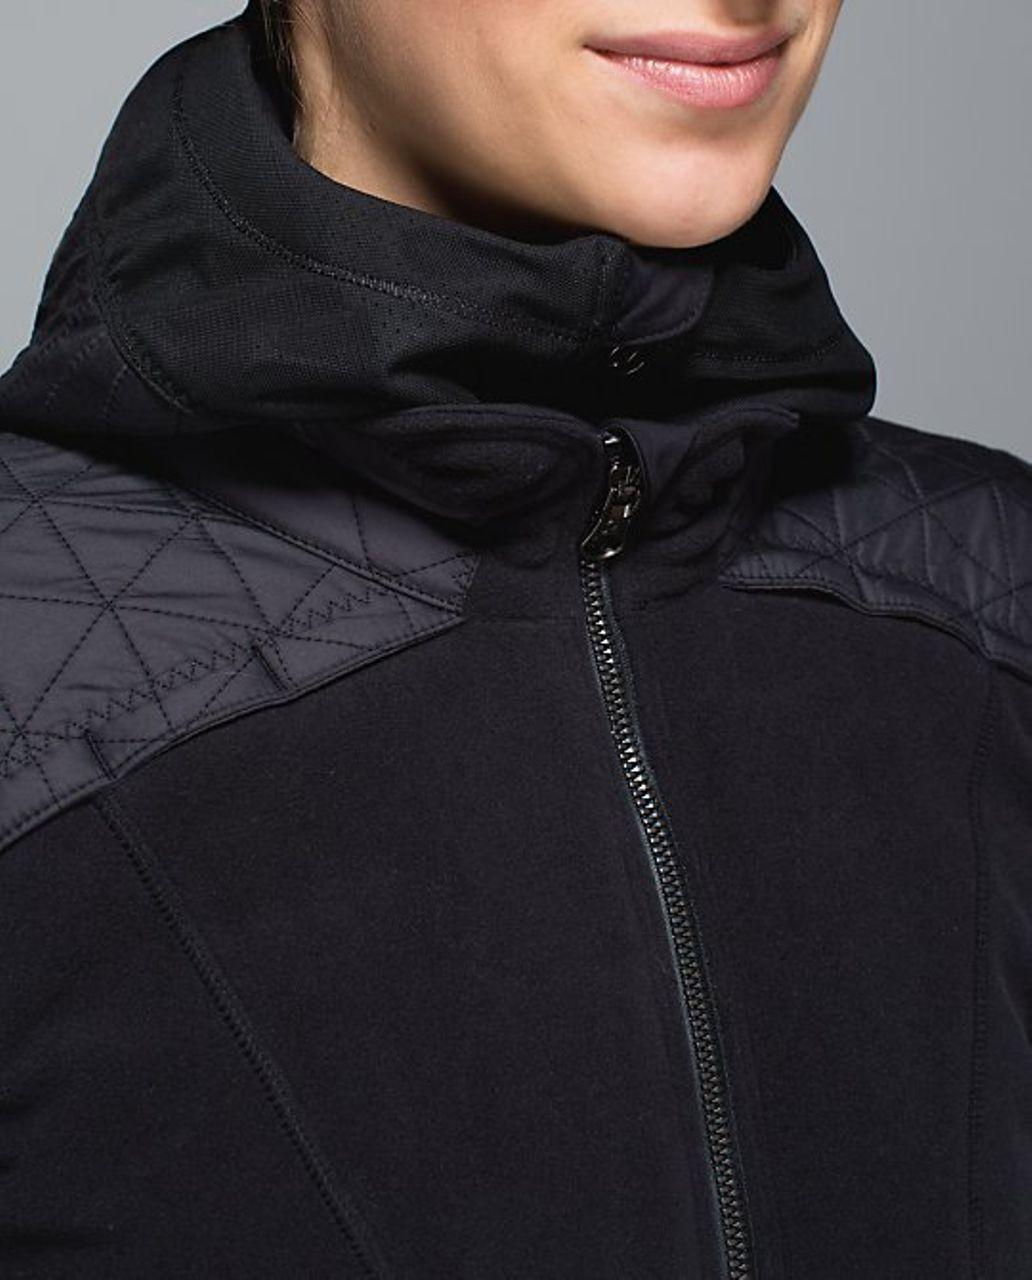 Lululemon Fleecy Keen Jacket II - Black